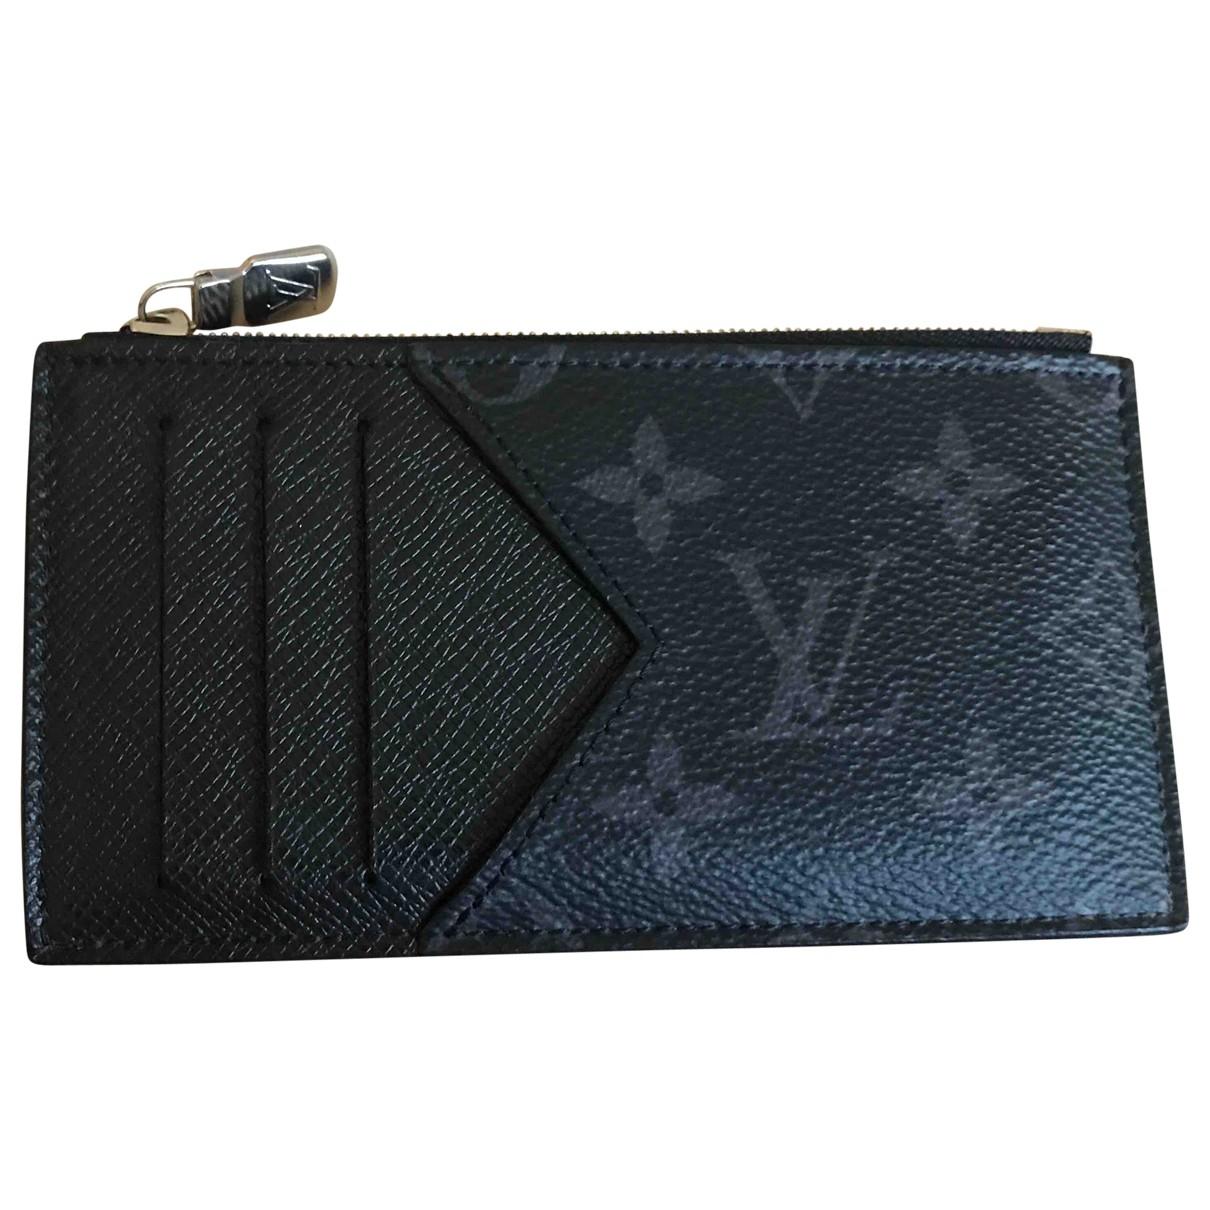 Louis Vuitton  Coin Card Holder Kleinlederwaren in  Schwarz Leinen